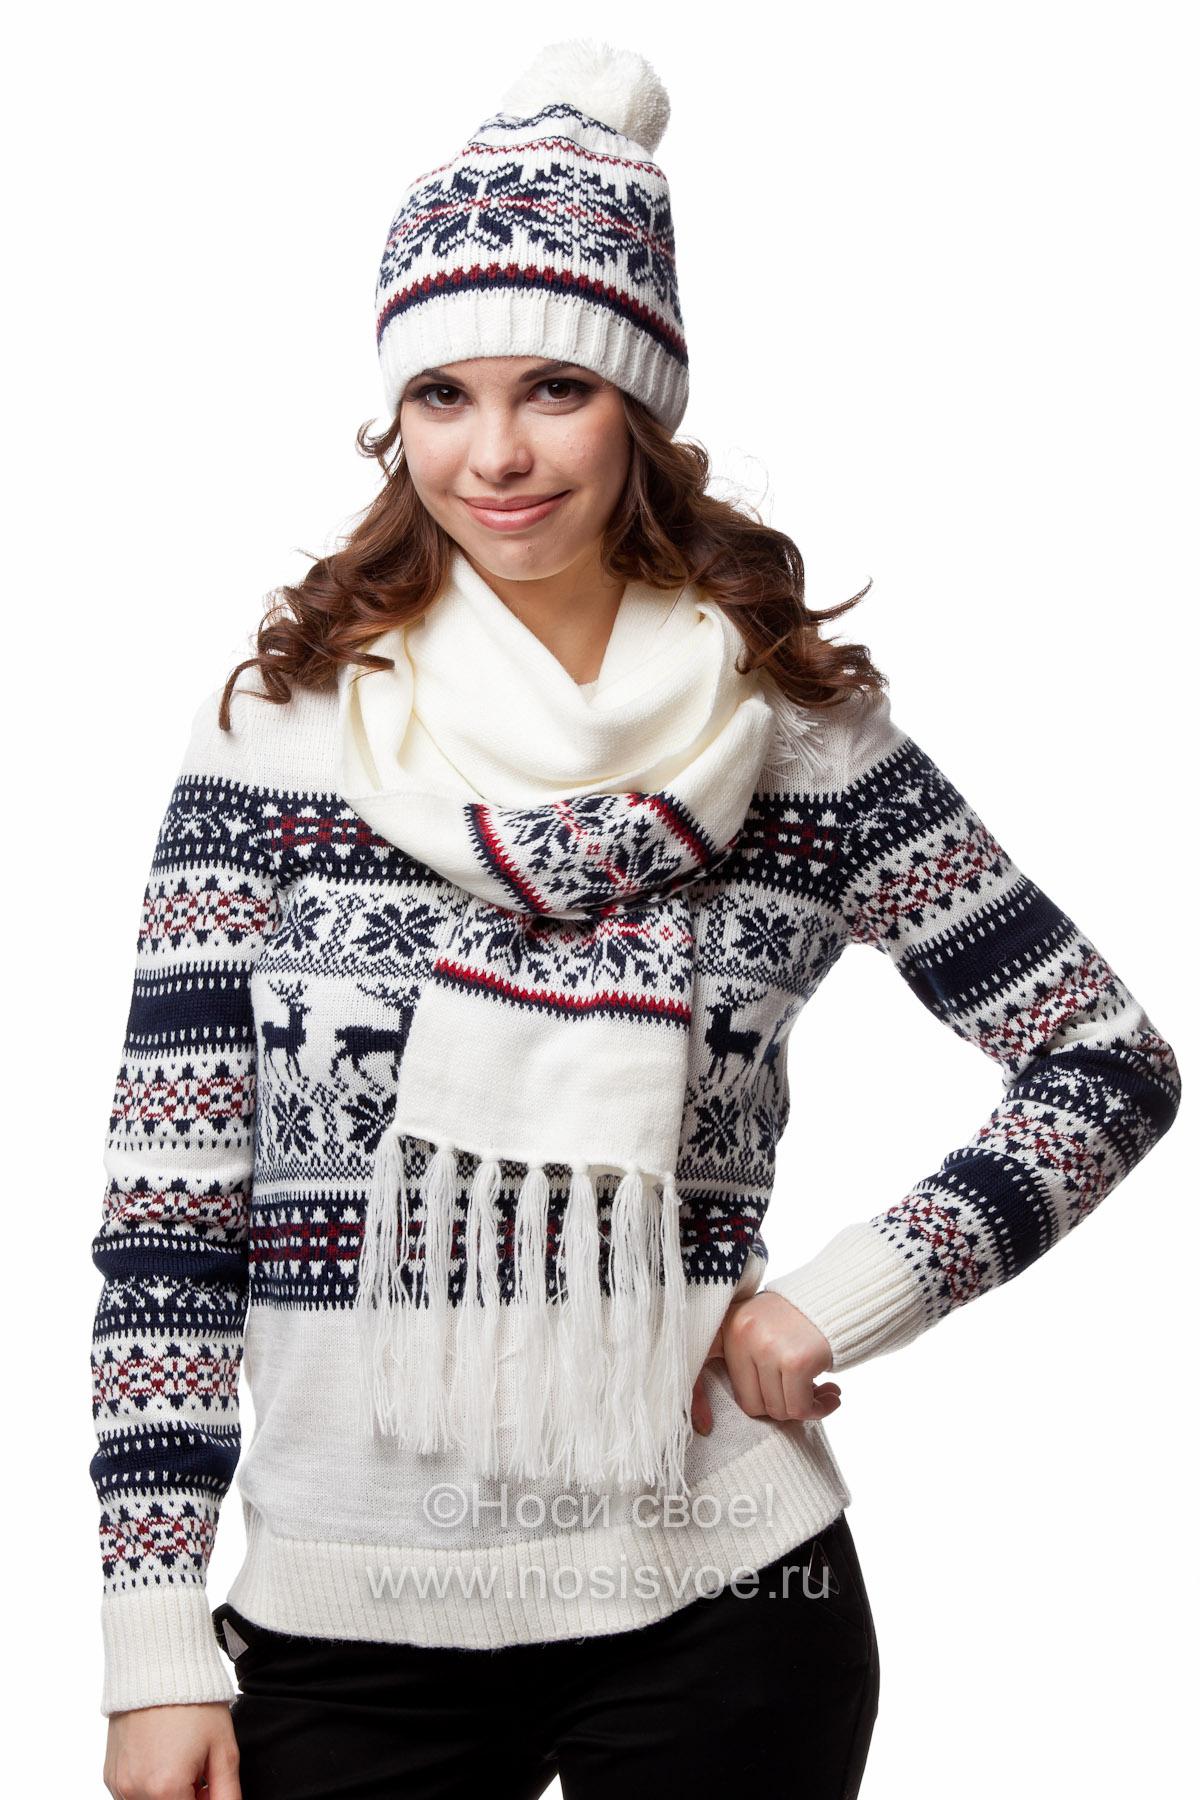 Главный тренд наступающей зимы - сказочные свитера с оленями и скандинавскими узорами. Одеваем всю семью! Носи своё по приятным ценам!